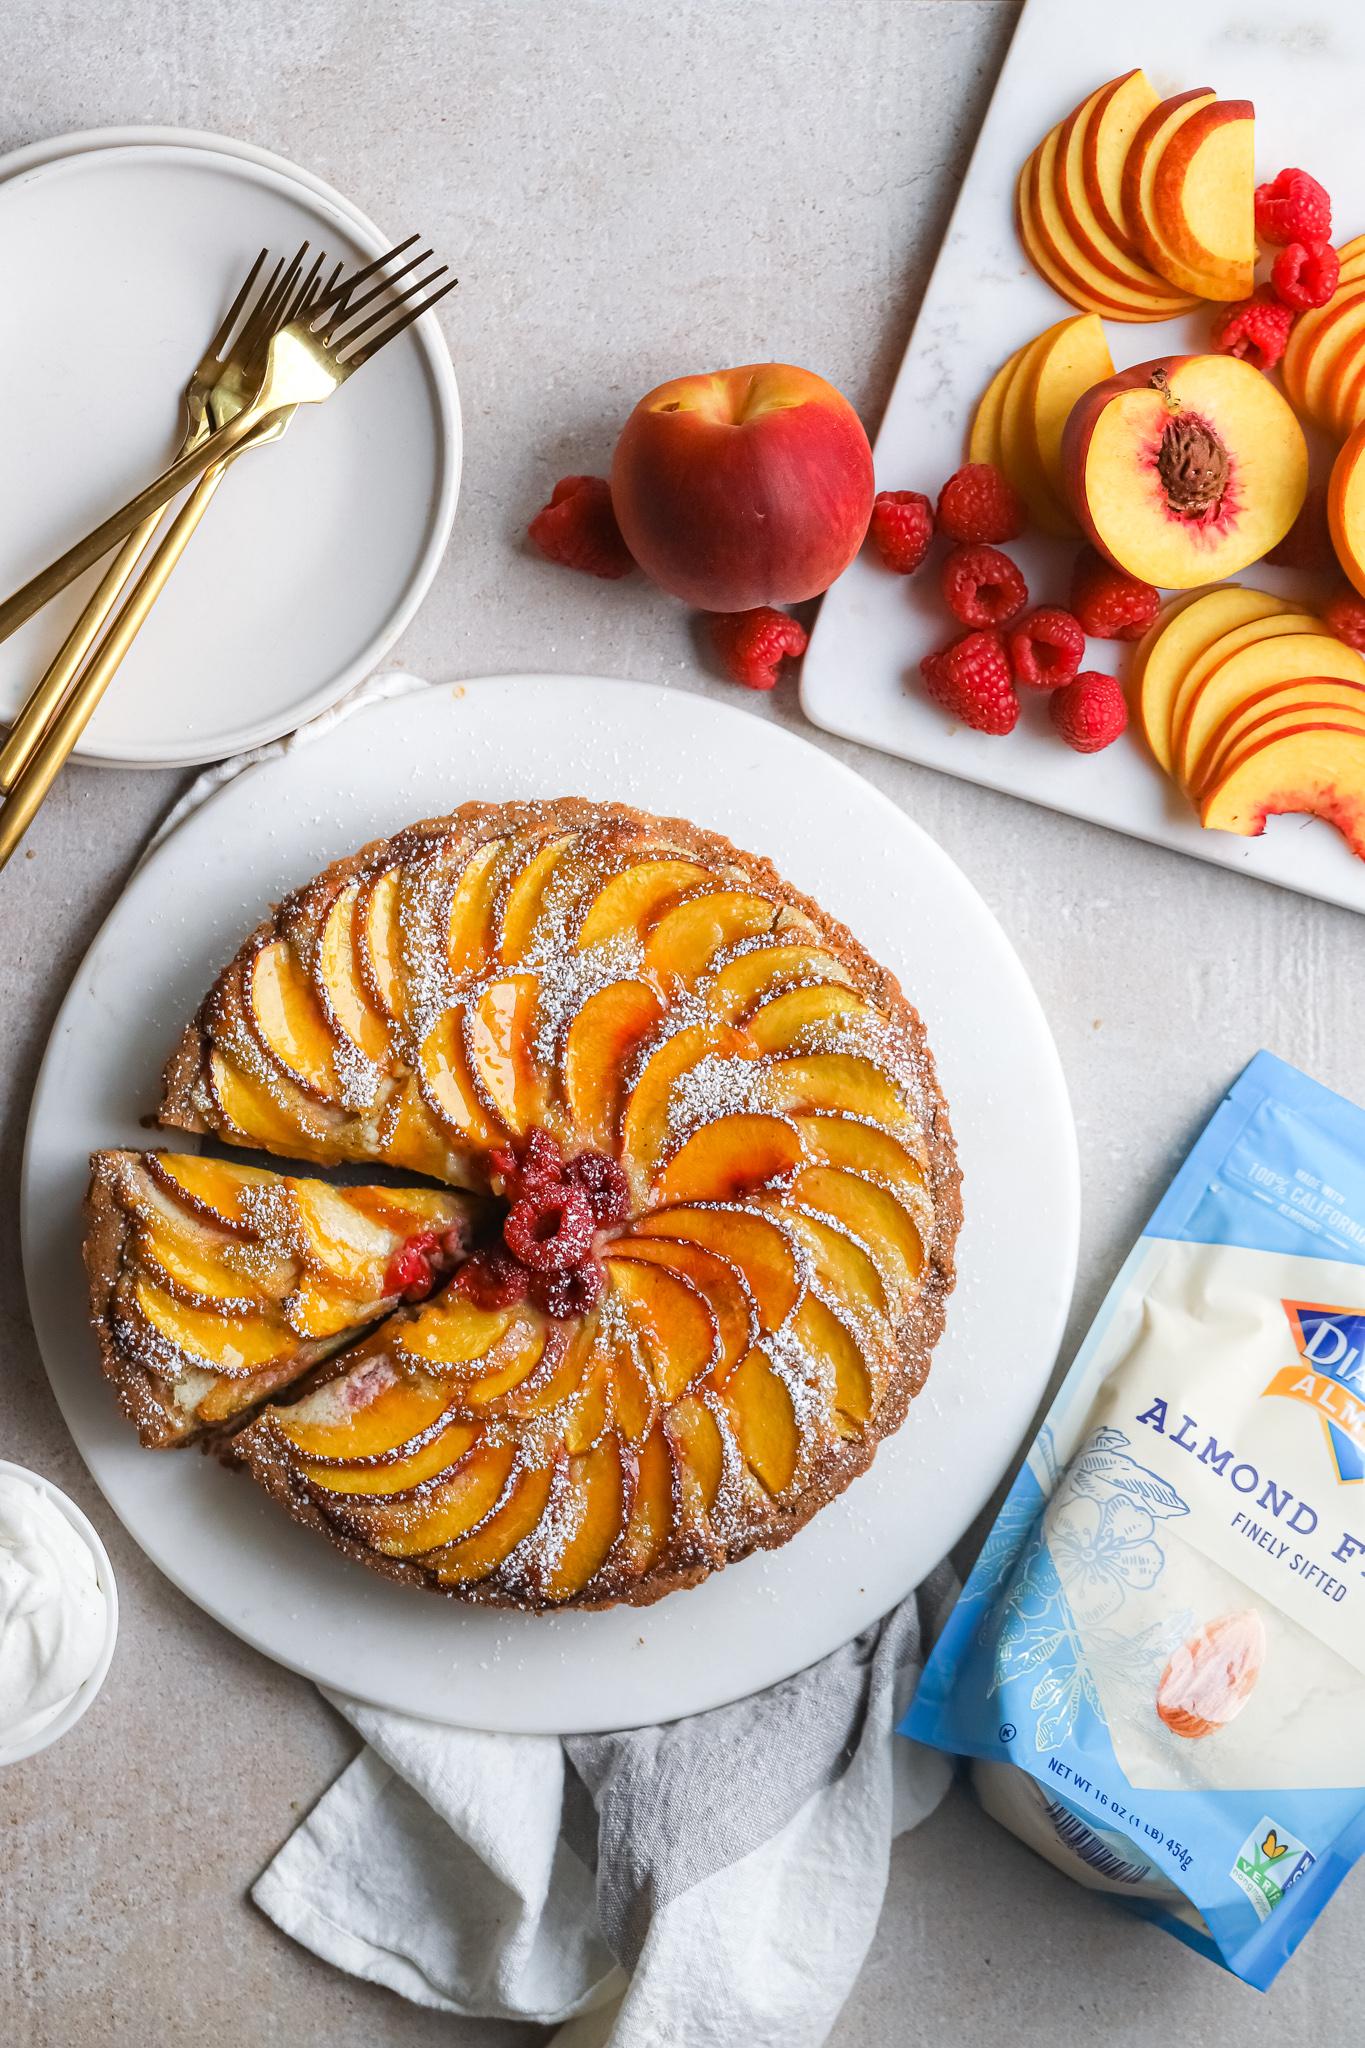 Slice slightly out Peach Raspberry Lemon Frangipane Tart